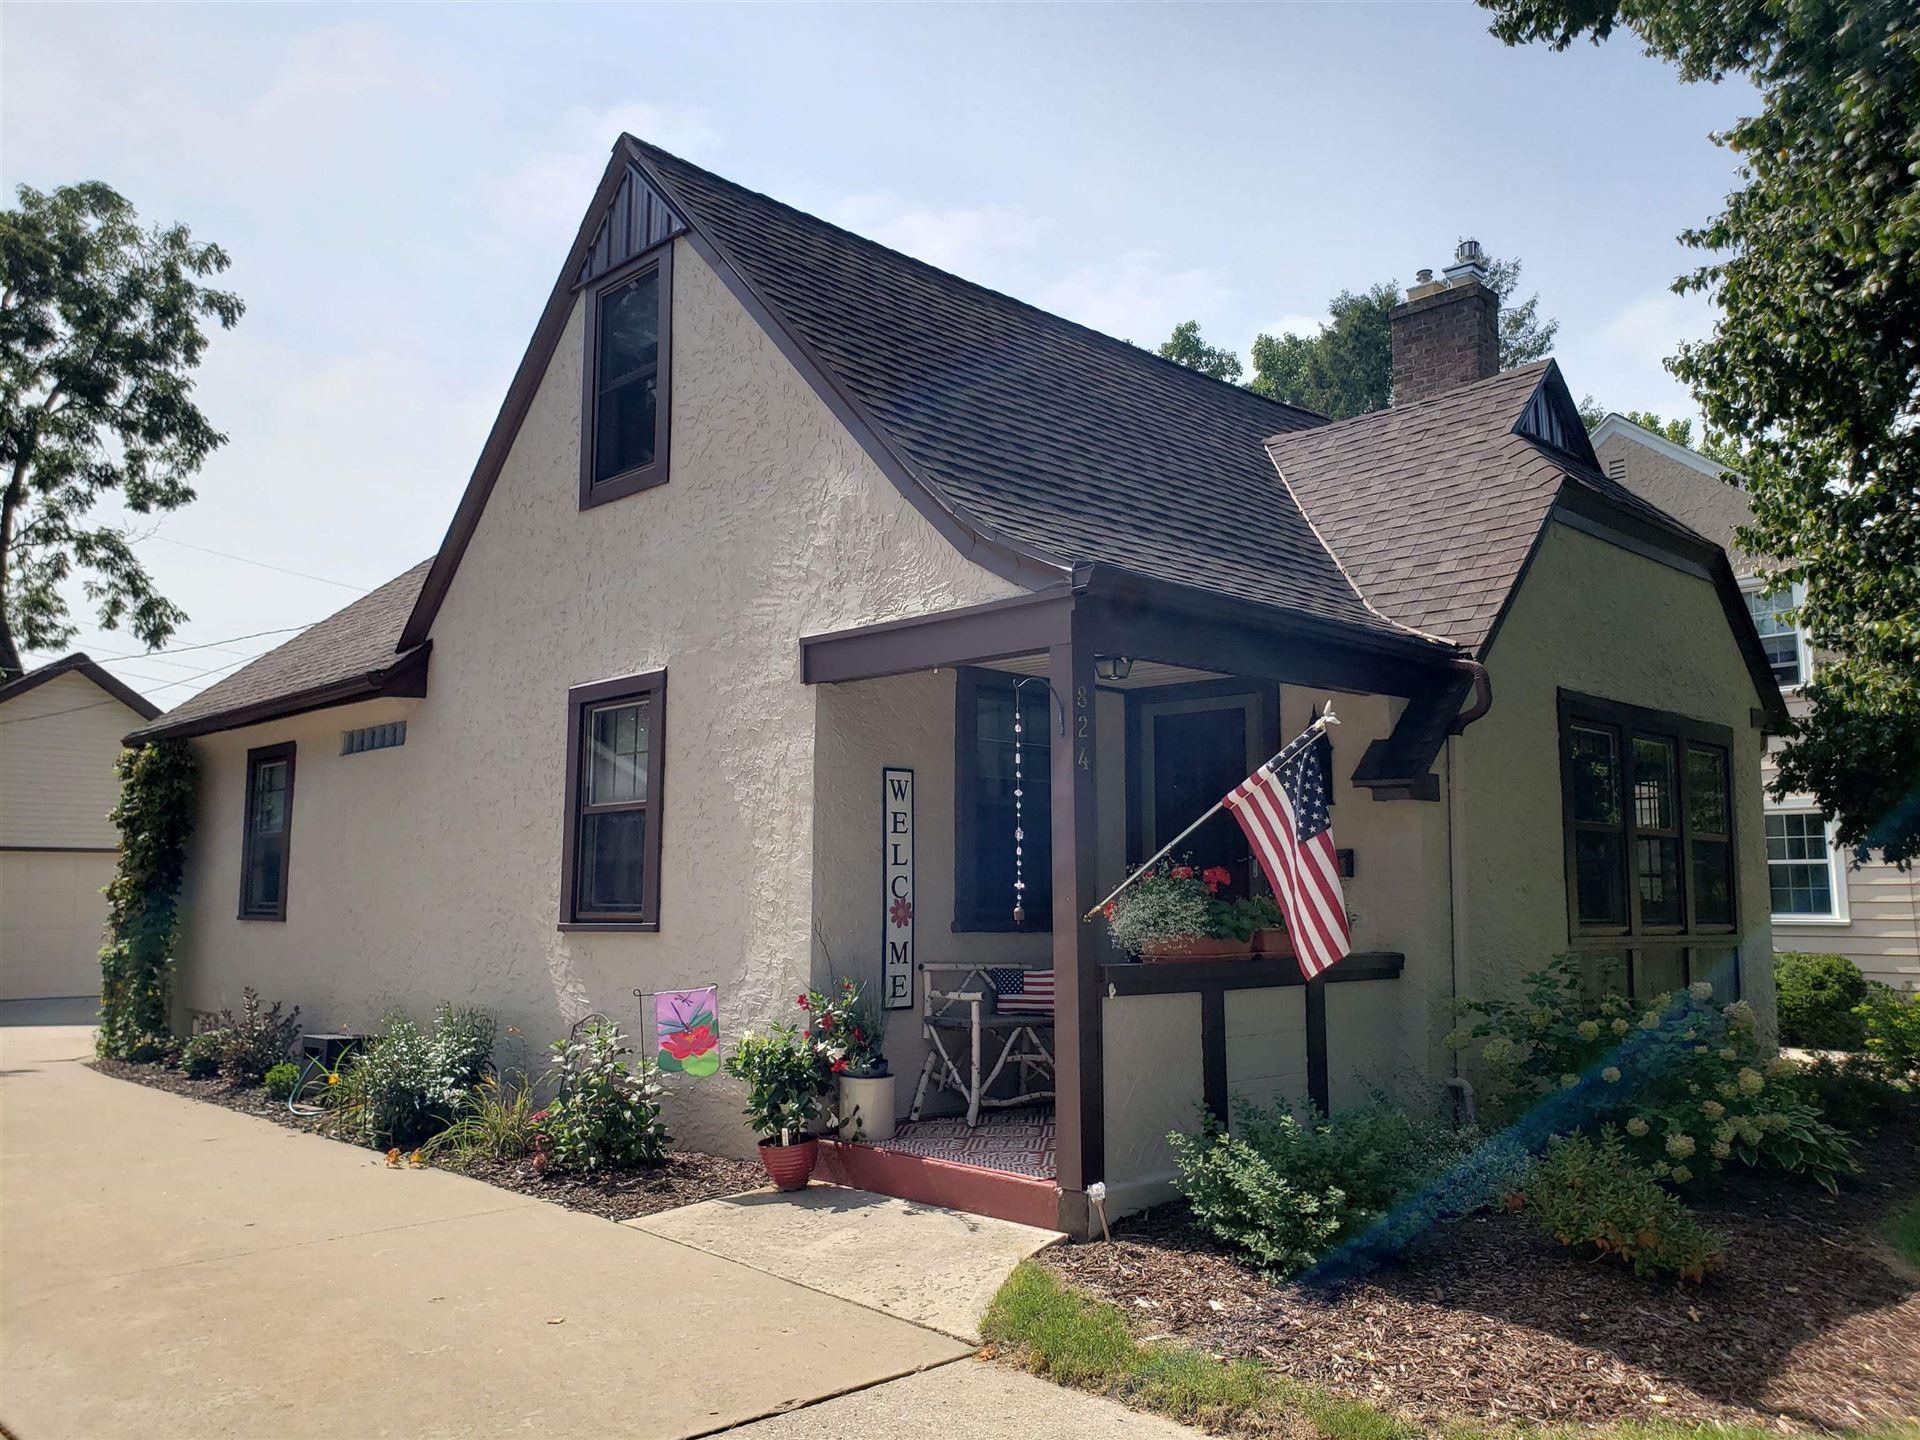 824 ALLOUEZ Terrace, Green Bay, WI 54301 - MLS#: 50249599